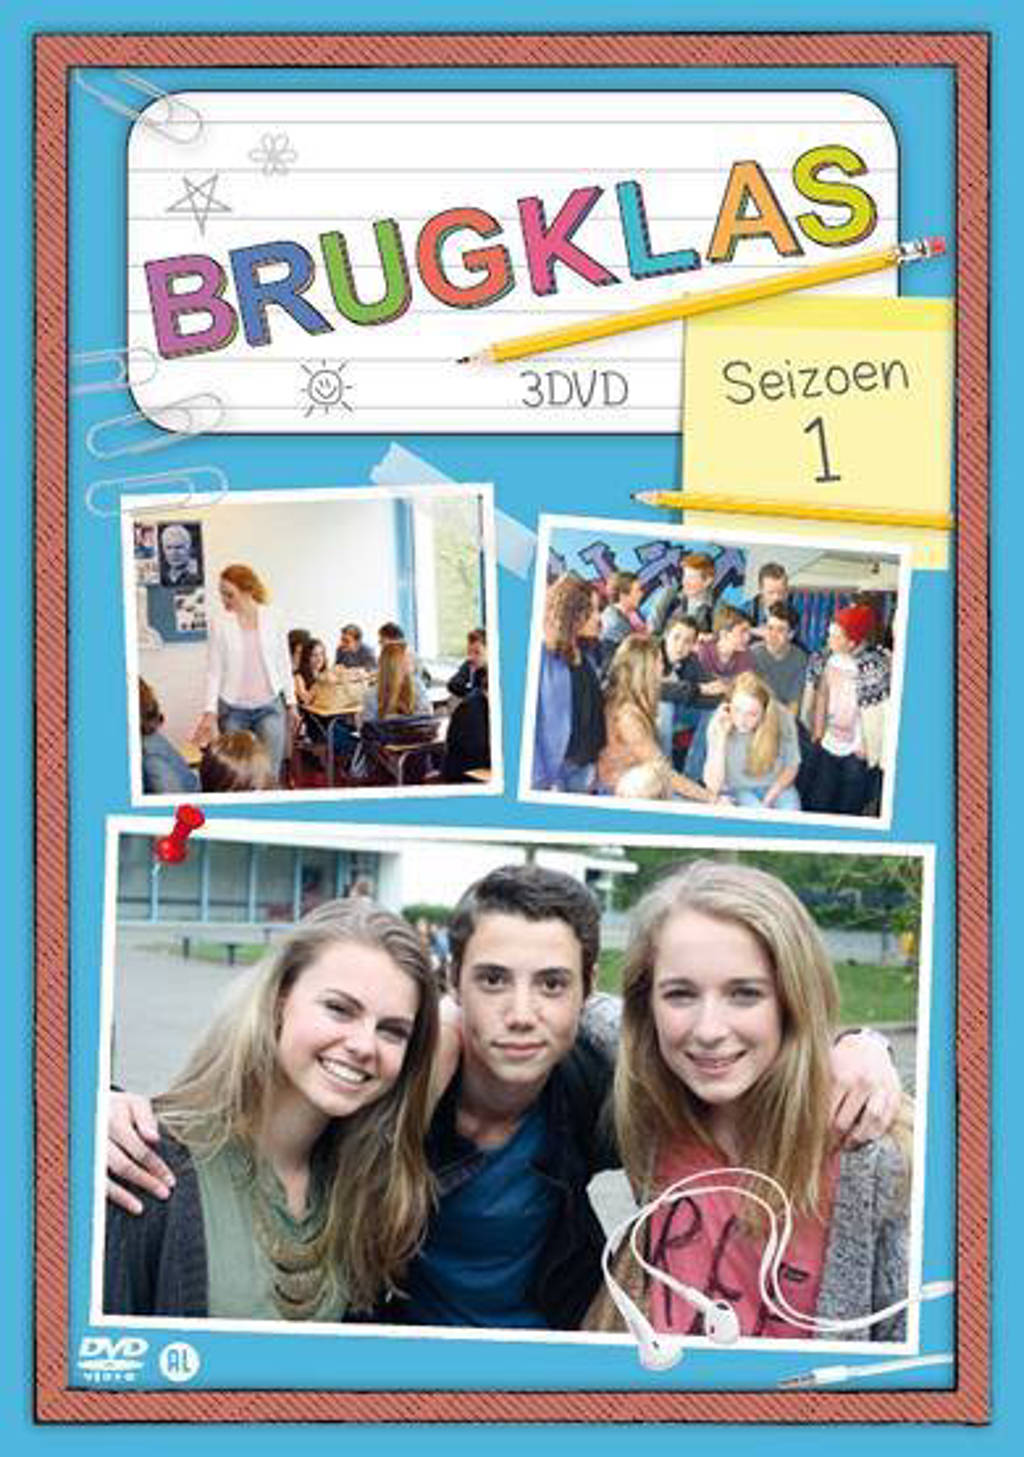 Brugklas - Seizoen 1 (DVD)